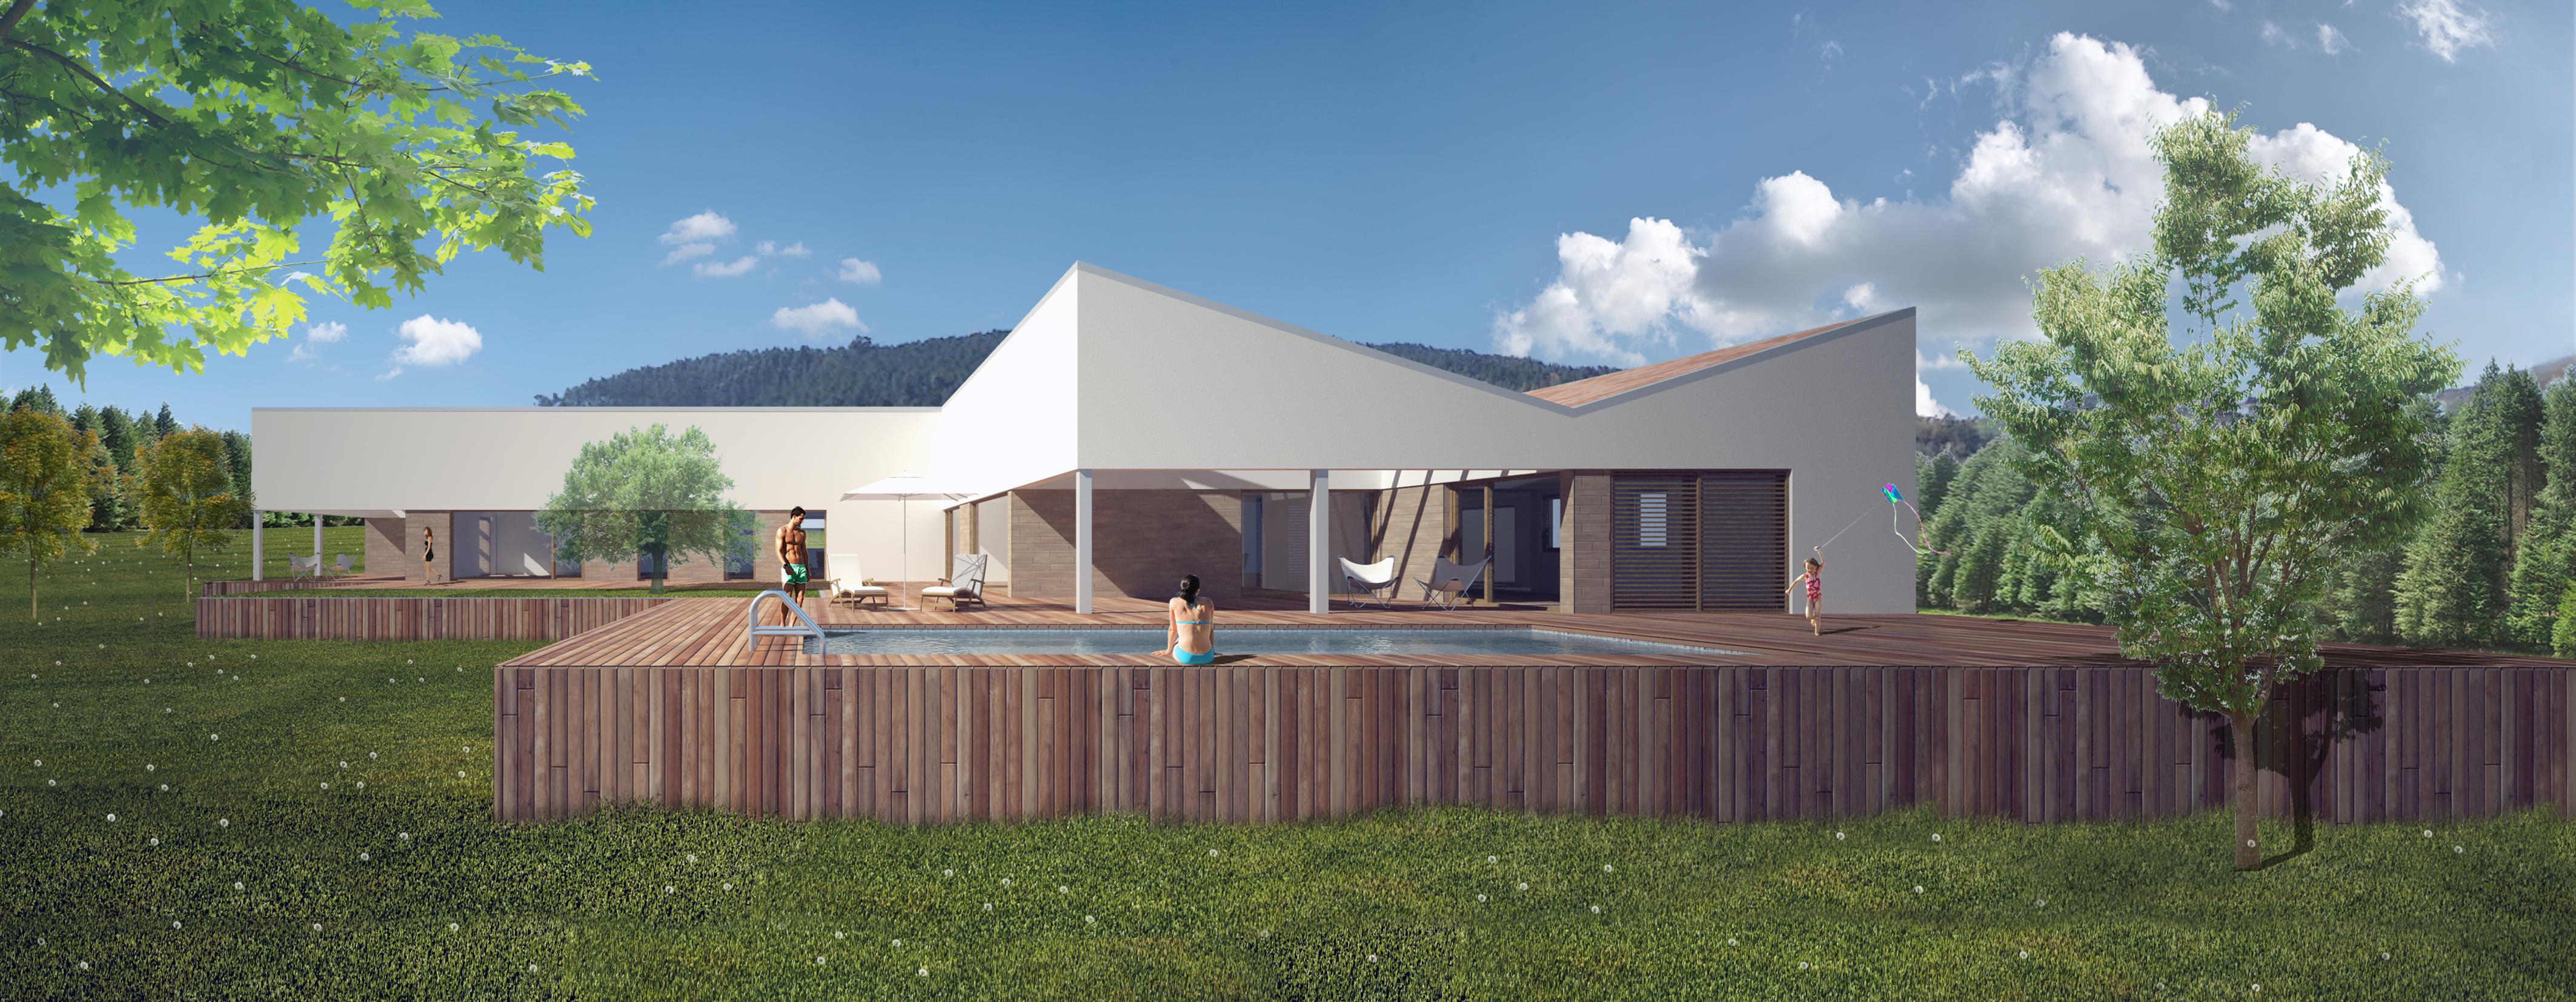 Passivhaus en Mungia. Esparza arquitectura